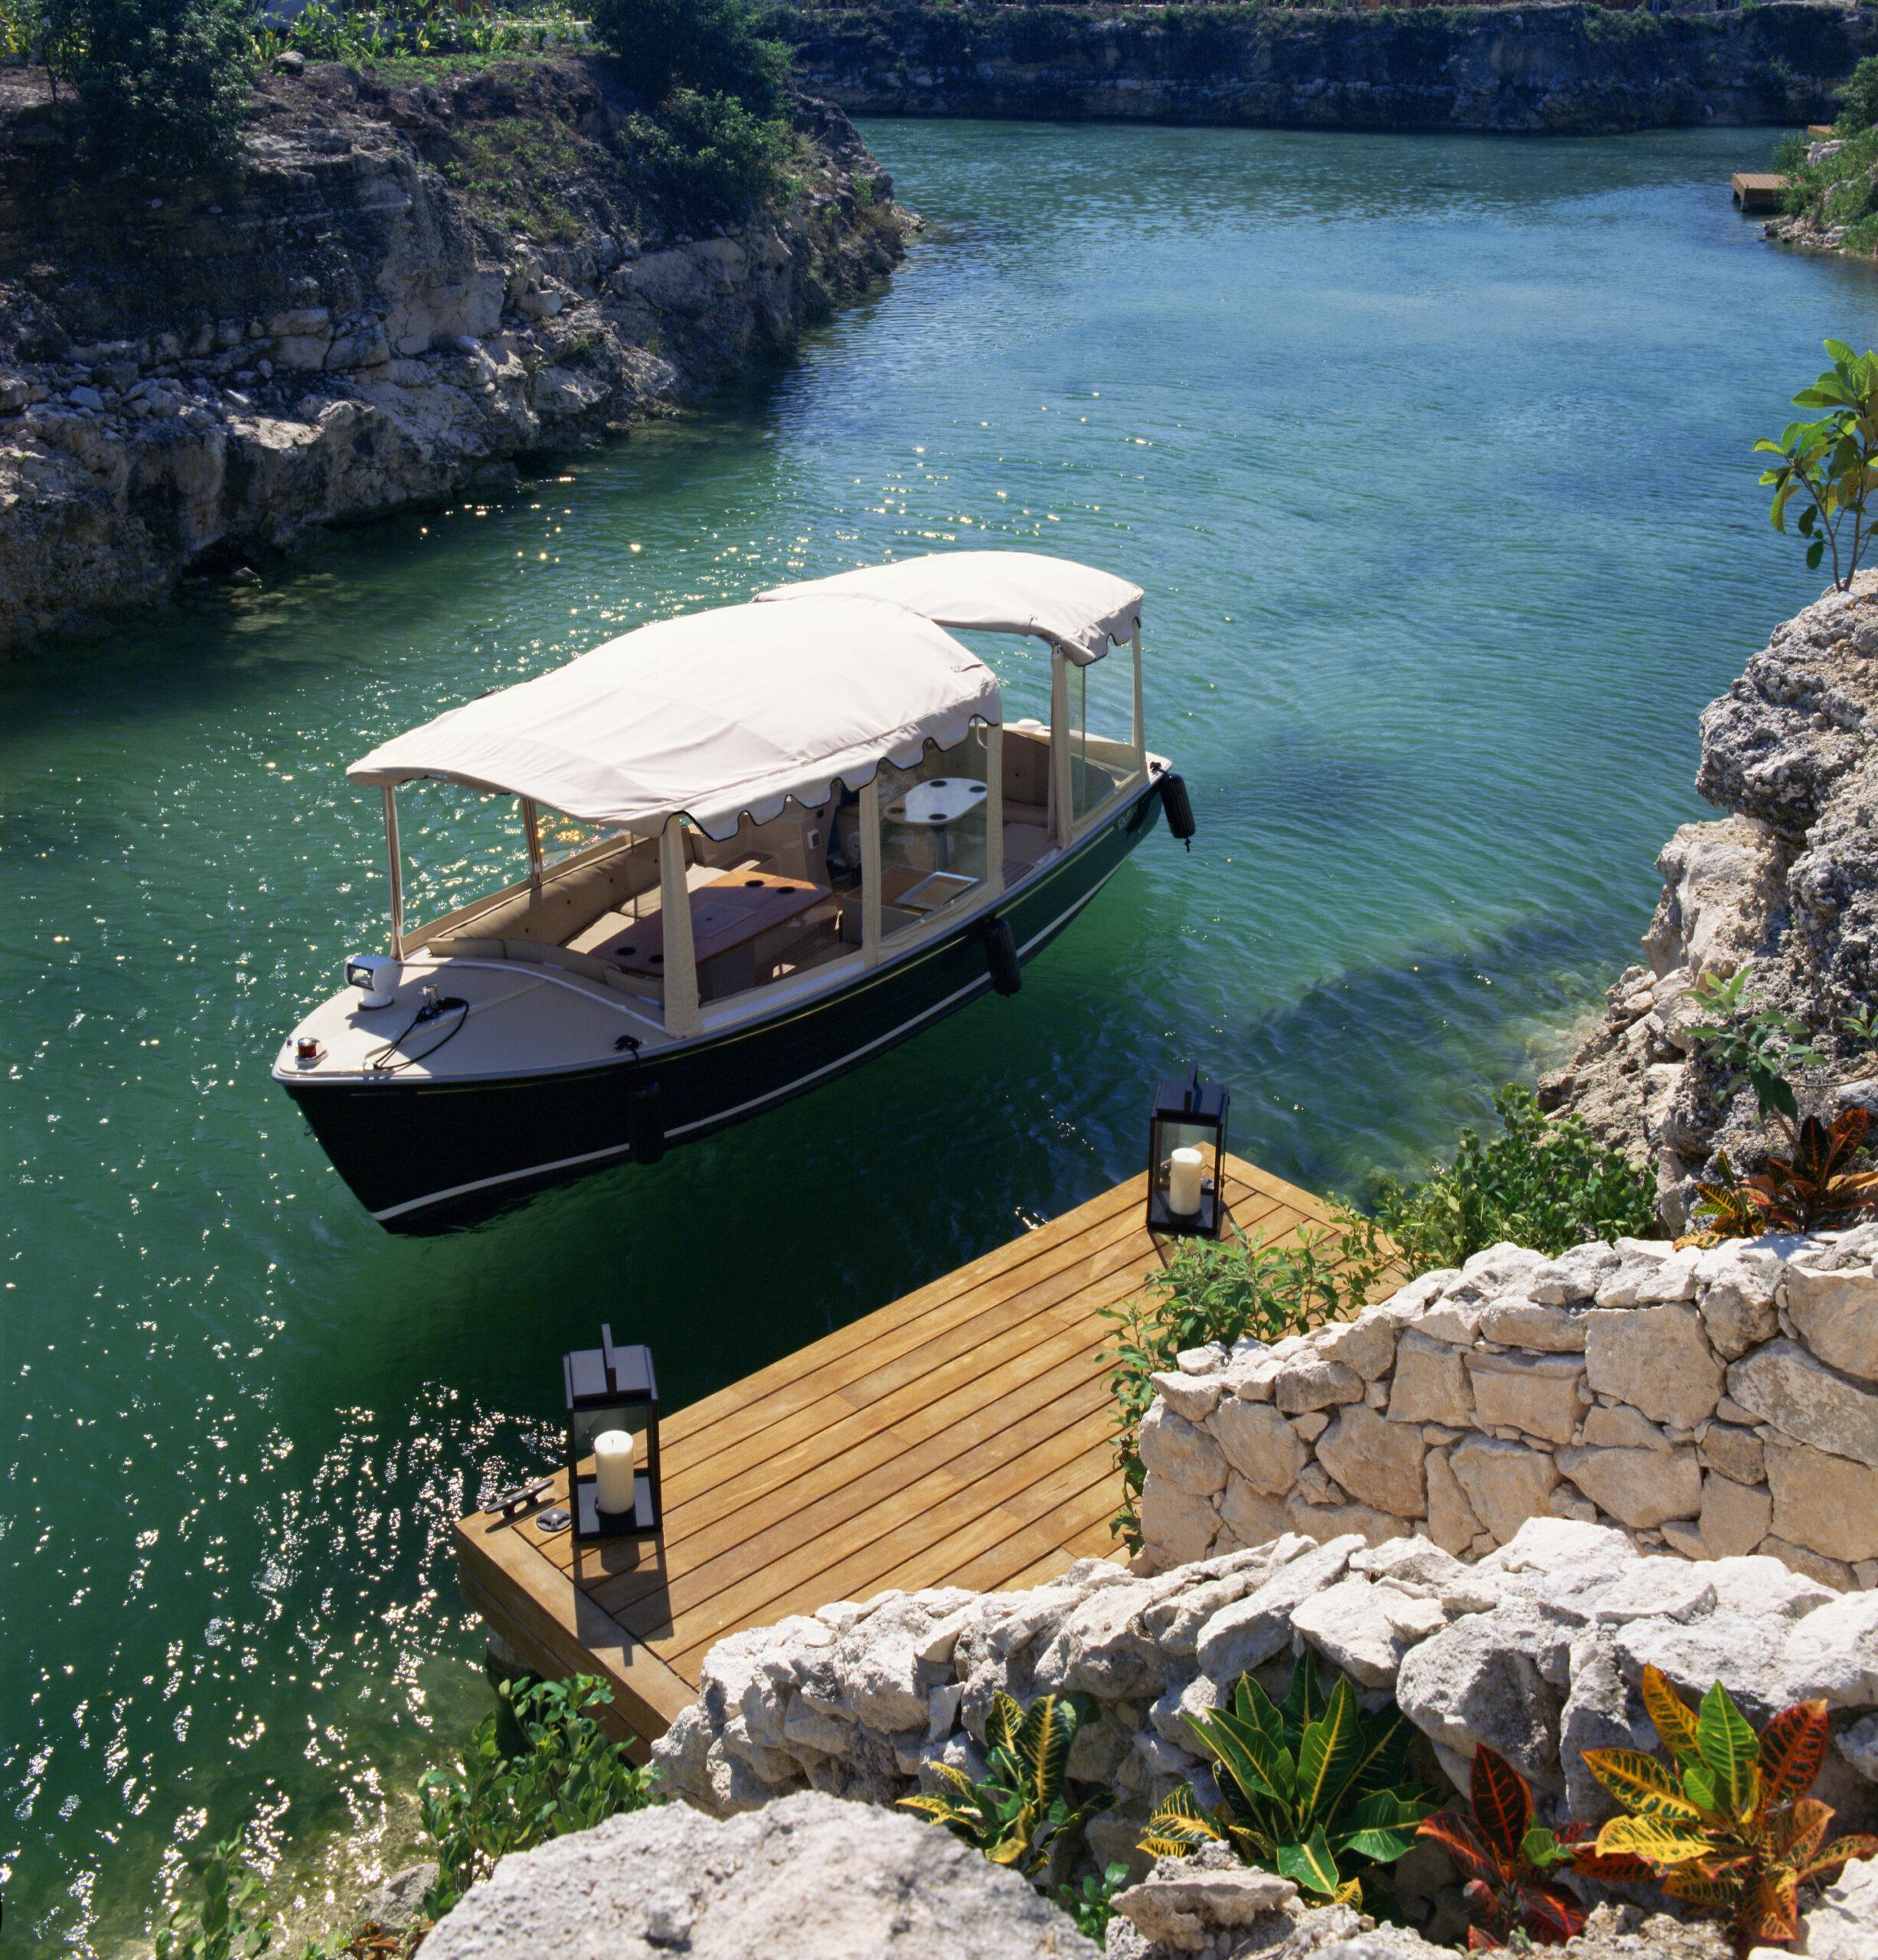 boat at dock of lagoon